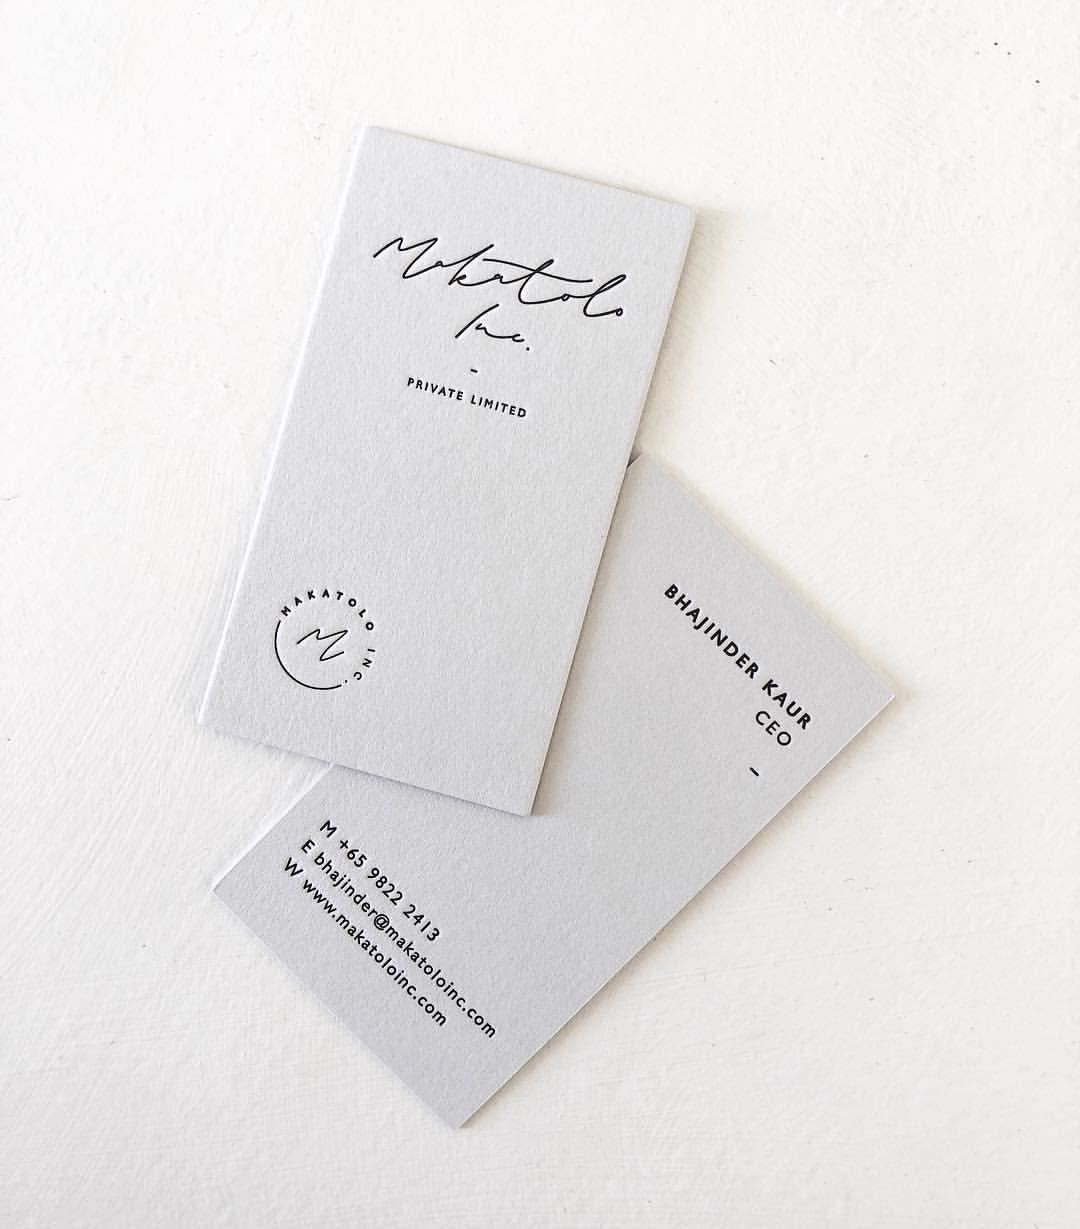 Branding For Makatolo Inc In Singapore Hand Lettered Script Black Letterpress Embossed Business Cards Graphic Design Business Card Letterpress Business Cards